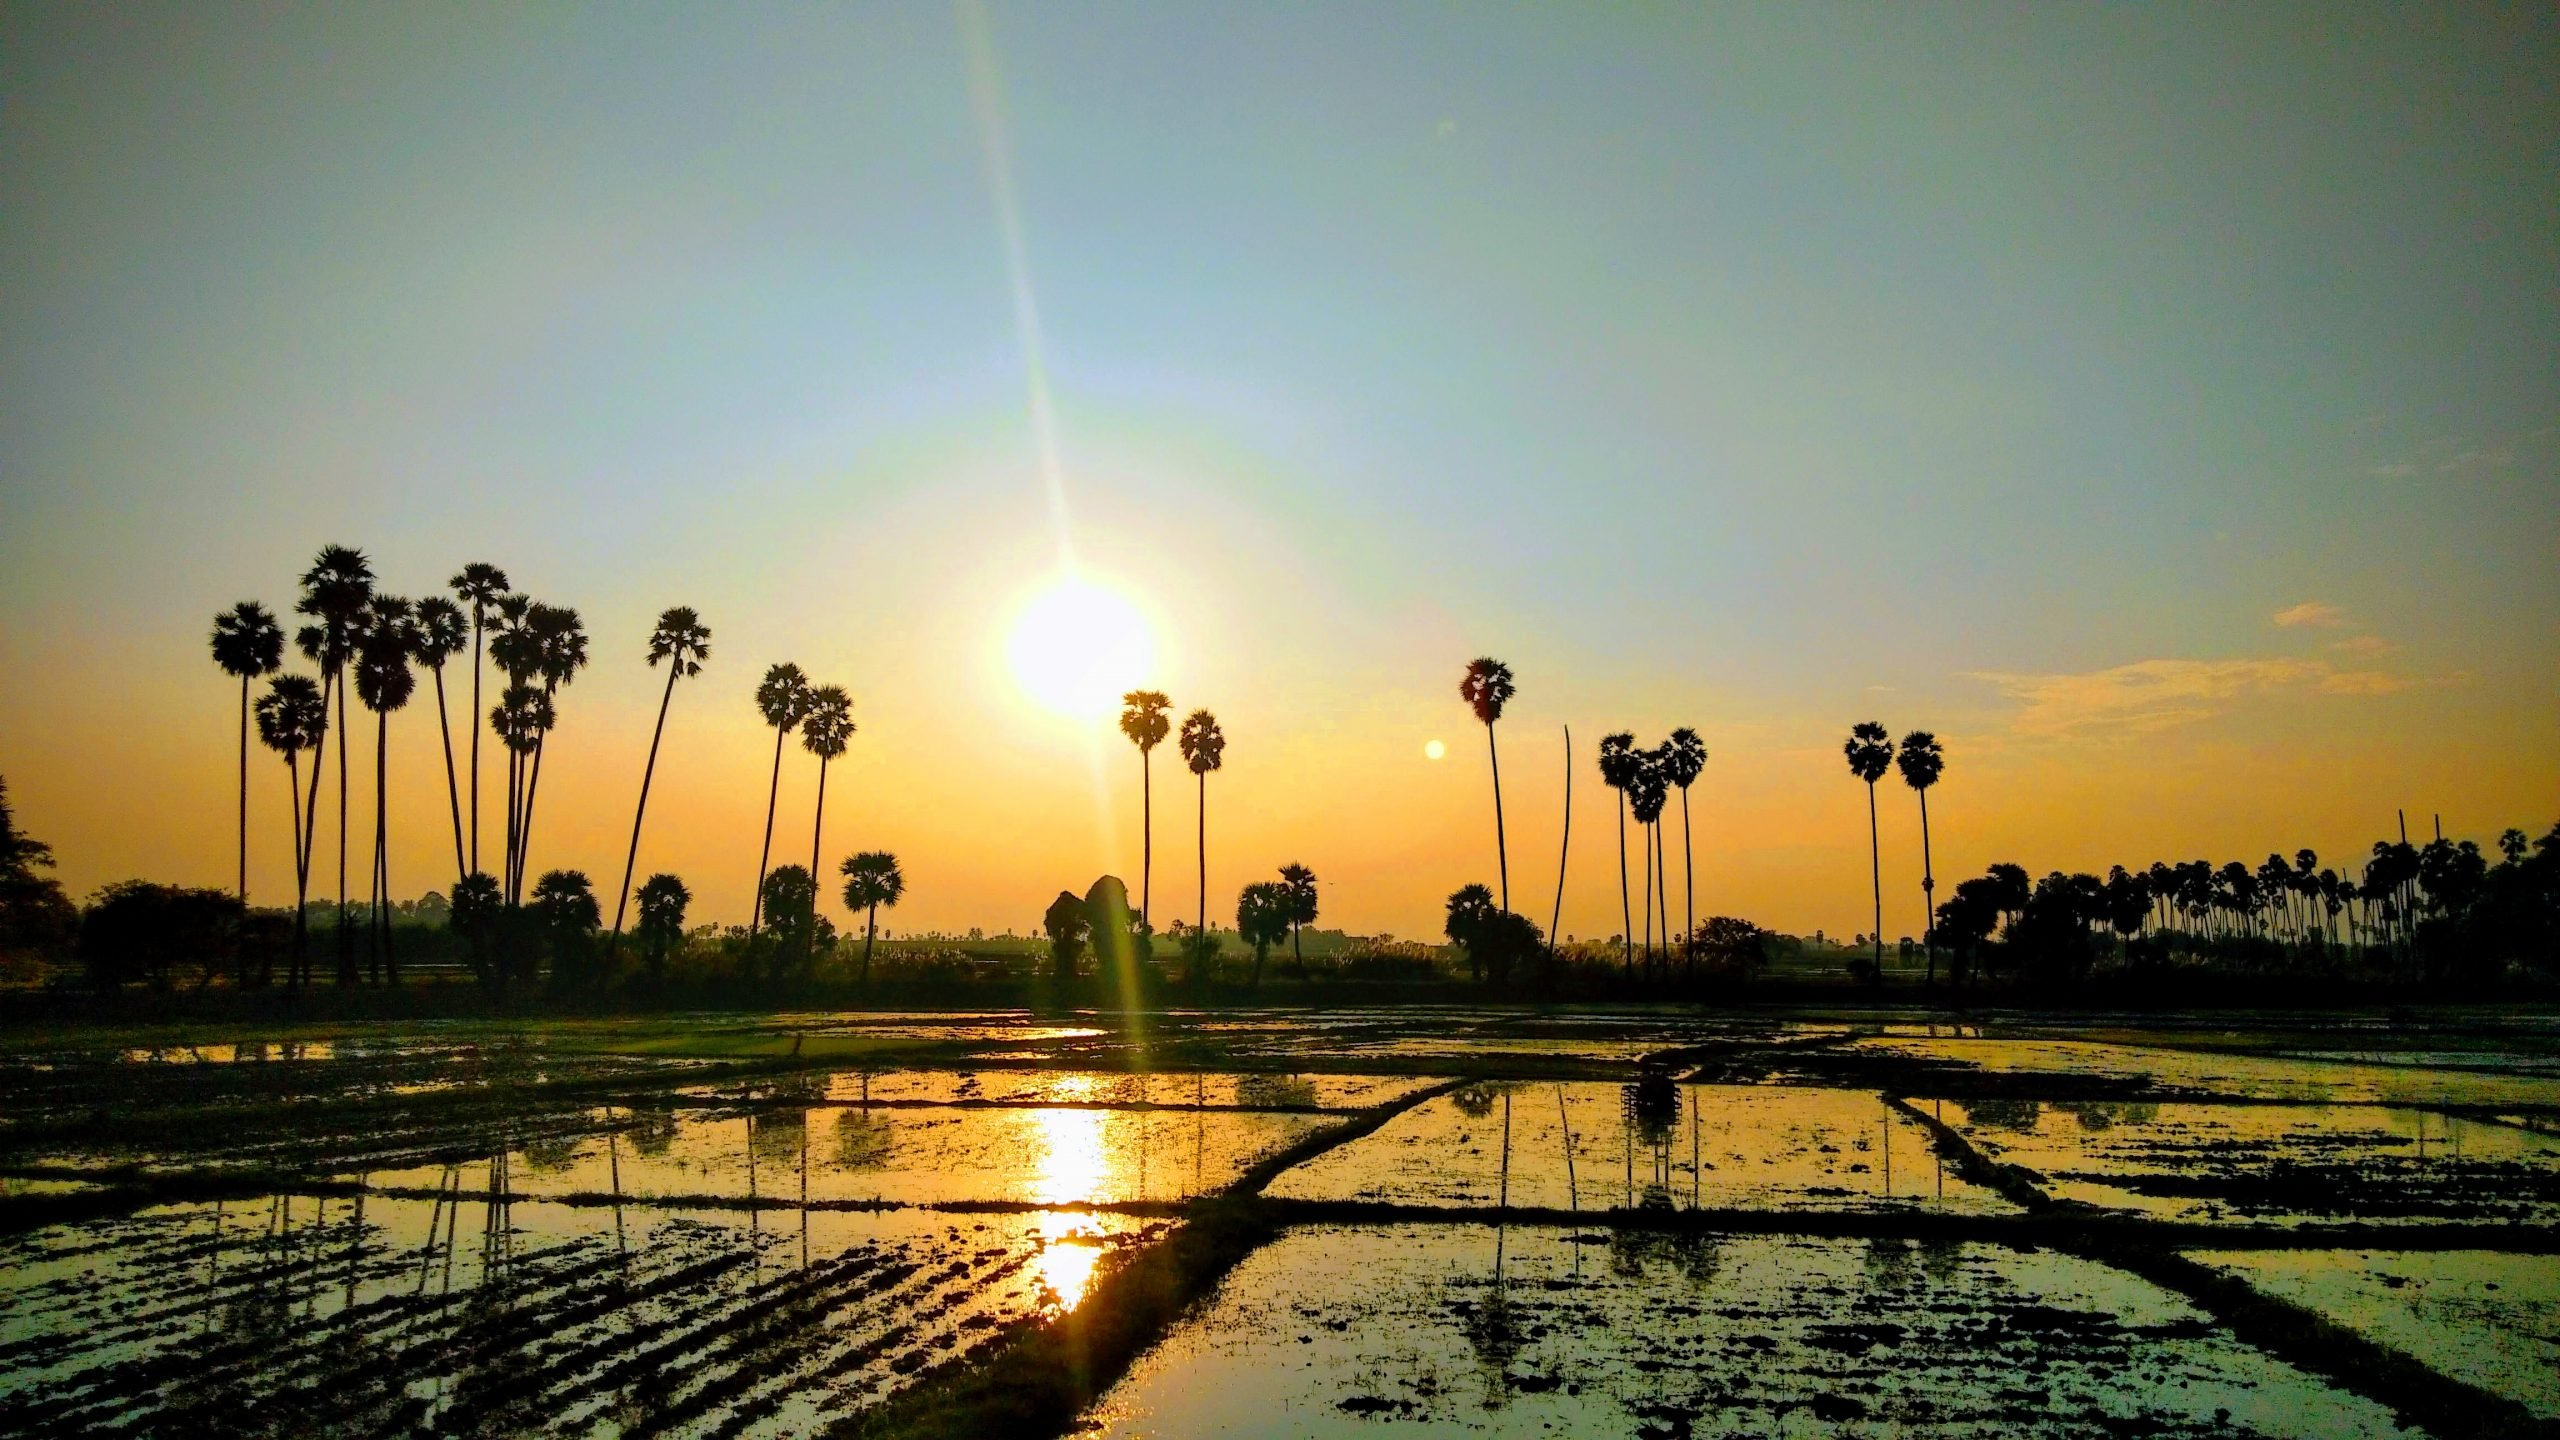 Sunrise in a Paddy Field